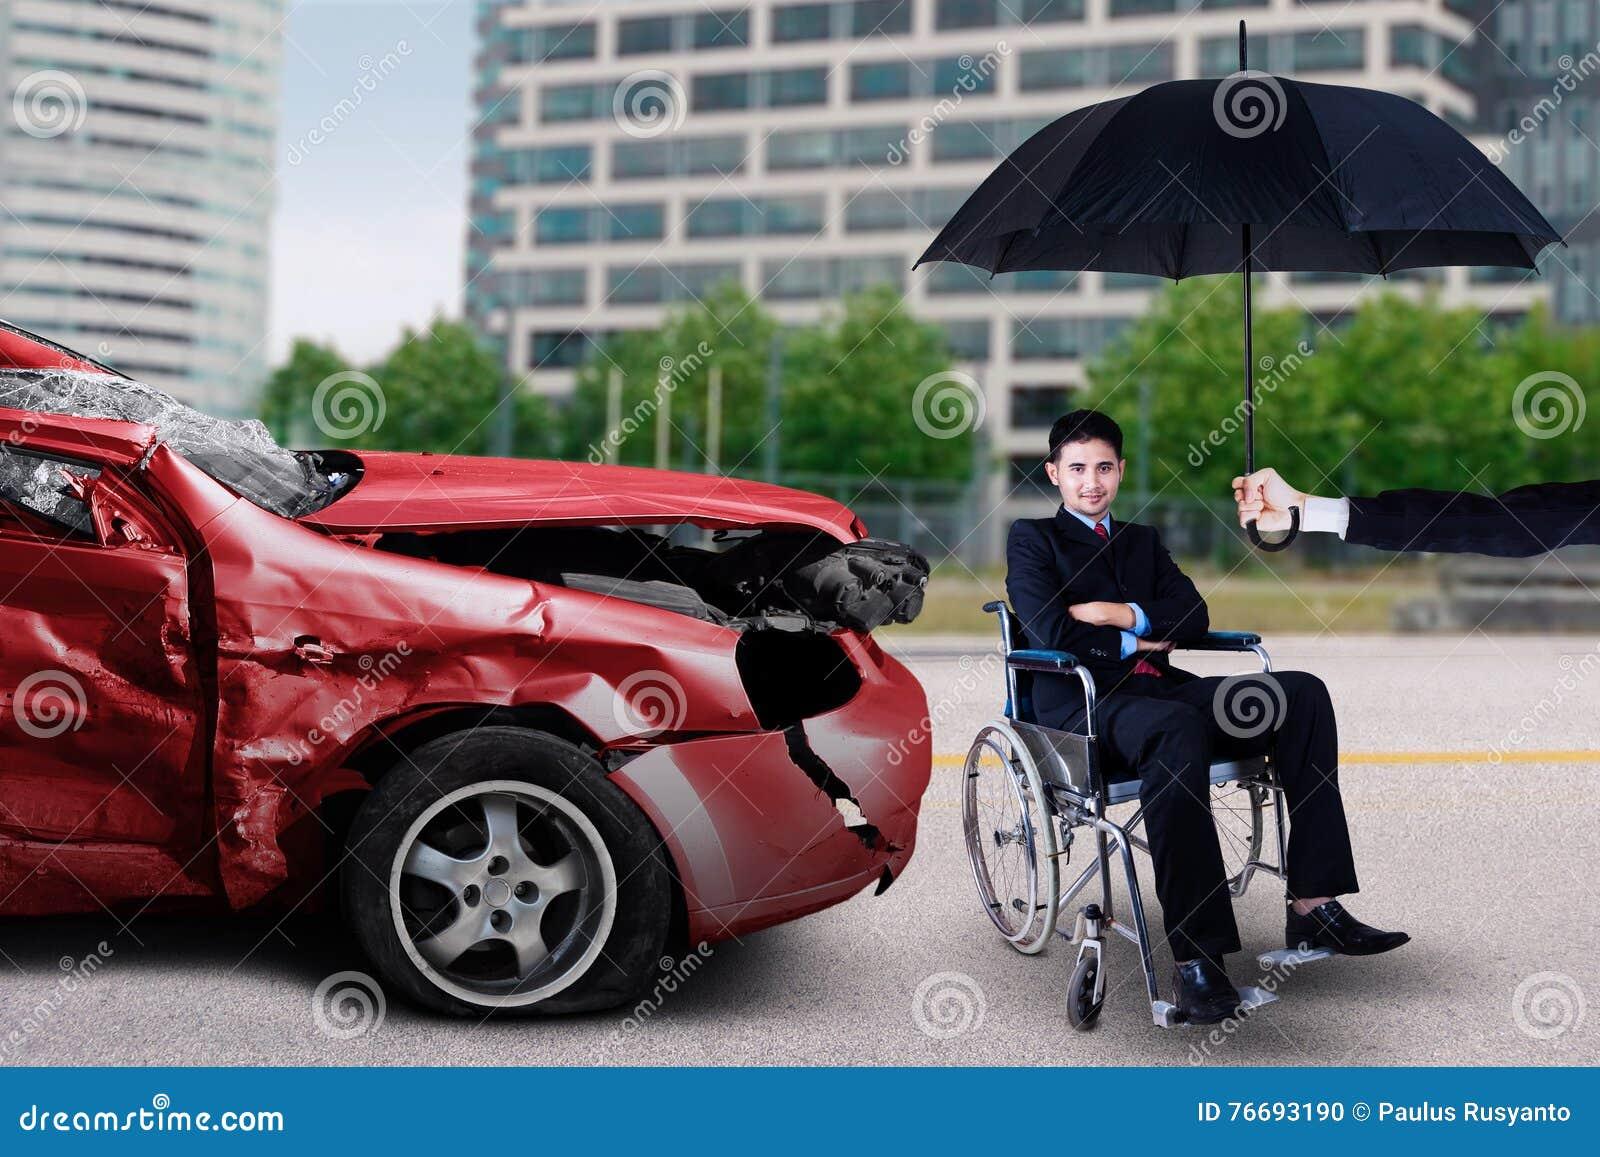 Mann sitzt auf Rollstuhl mit beschädigtem Fahrzeug